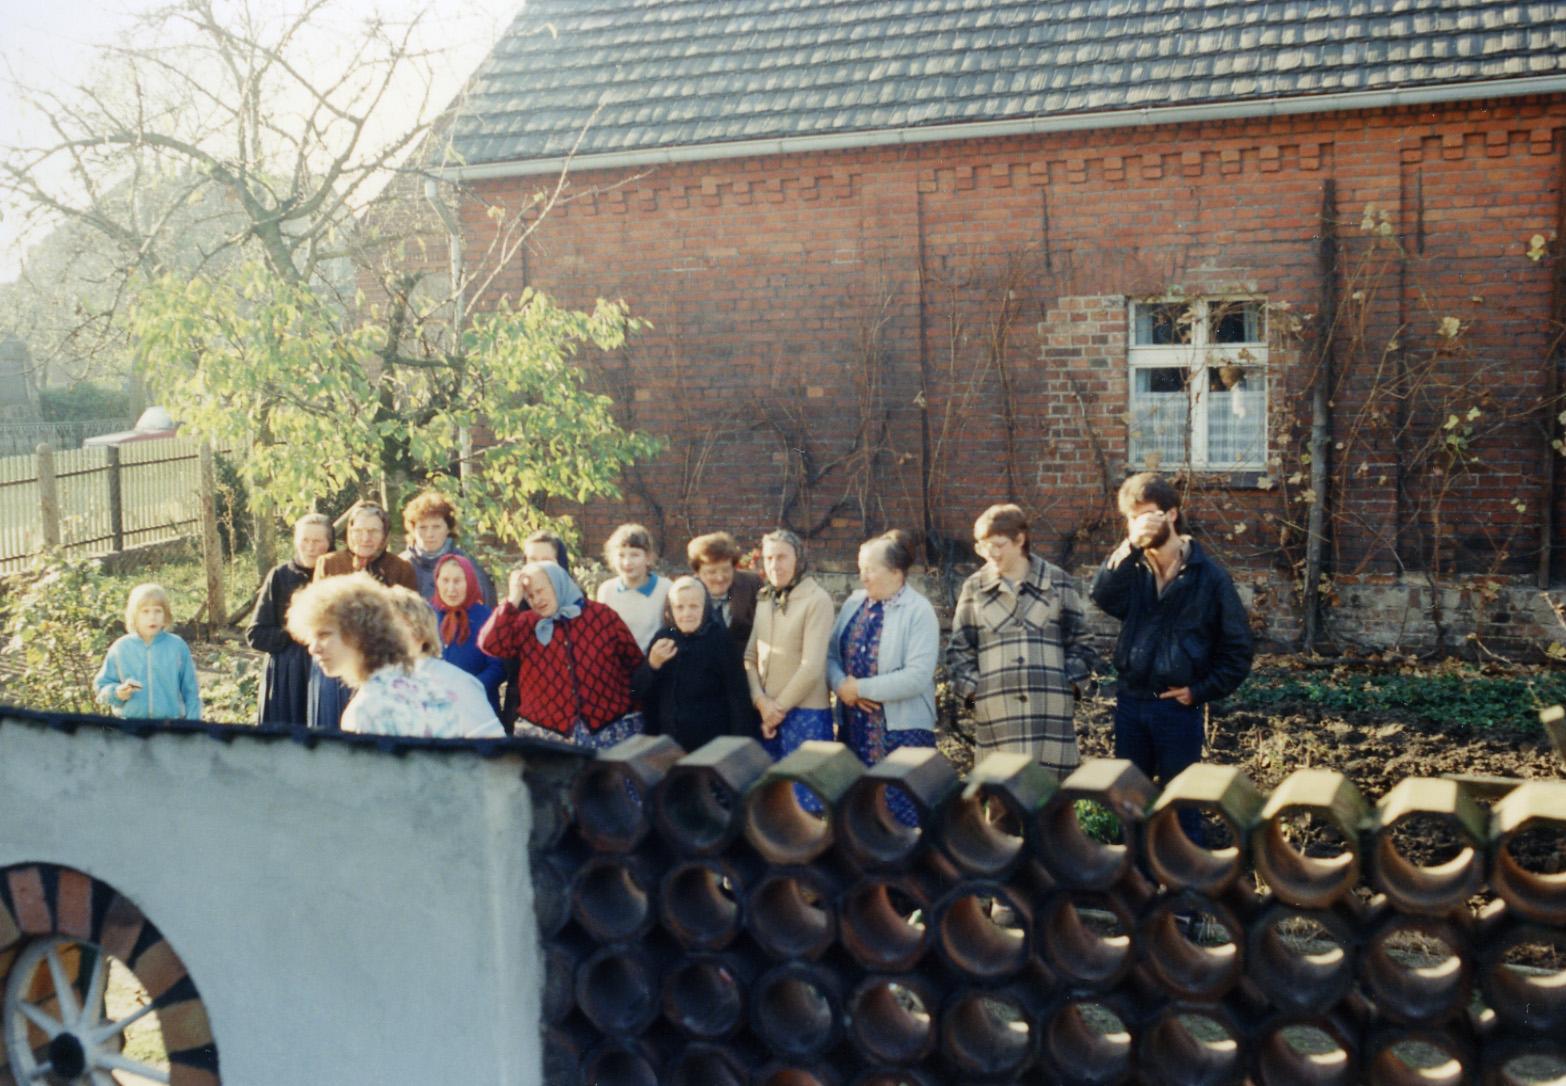 Zaungäste in Drehnow